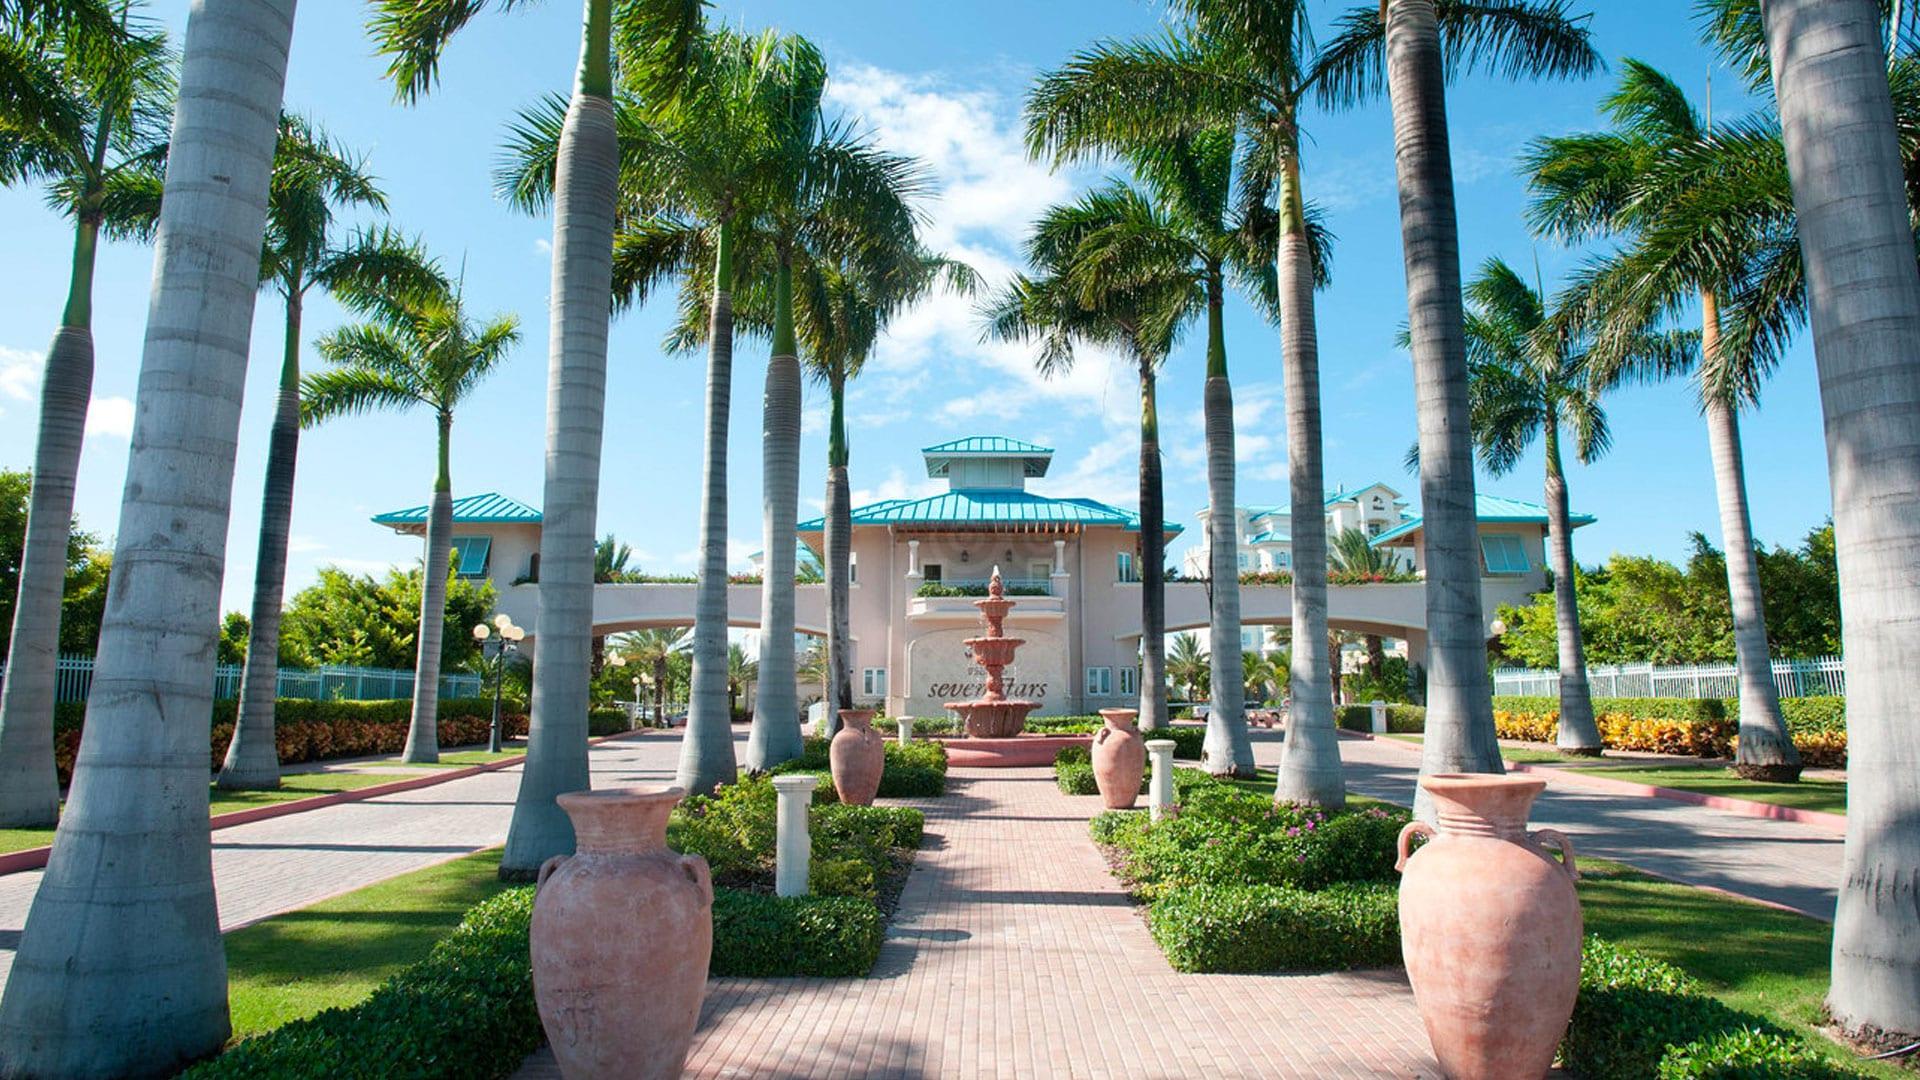 Seven Stars -Luxury Resort and Hotel Design - Swedroe Architecture Firm Miami